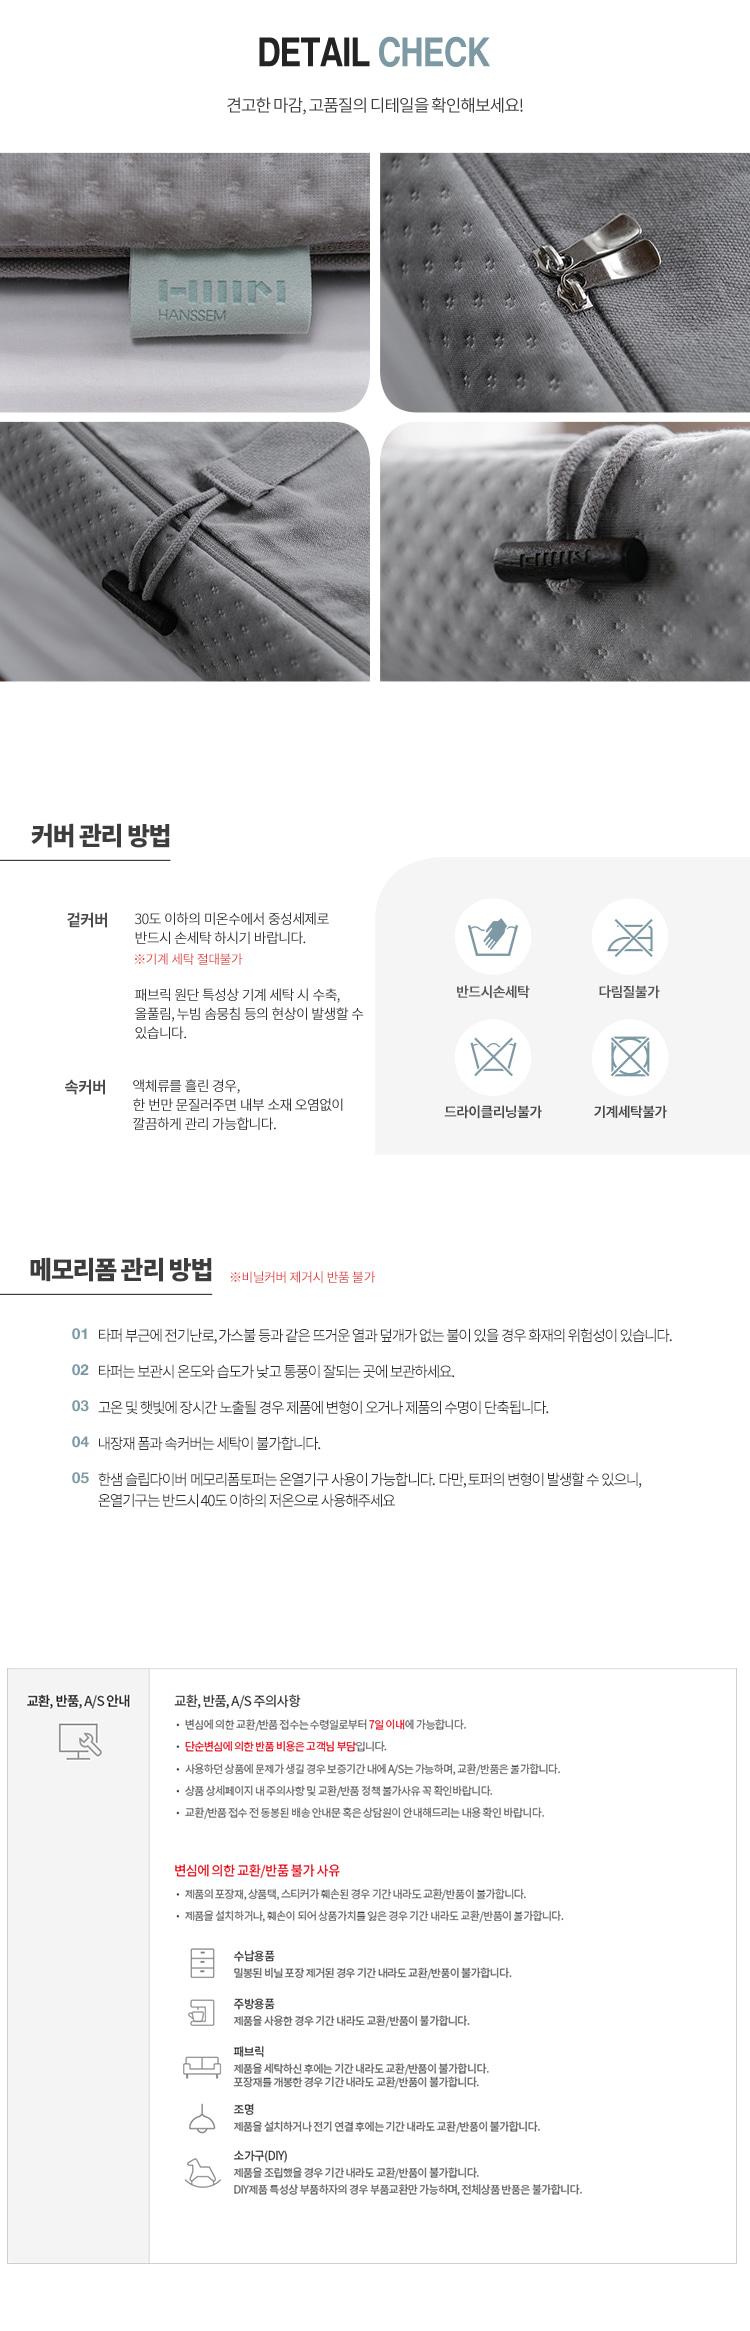 슬립다이버 메모리폼 토퍼 SS - 한샘_패브릭, 279,200원, 침구 단품, 패드/스프레드